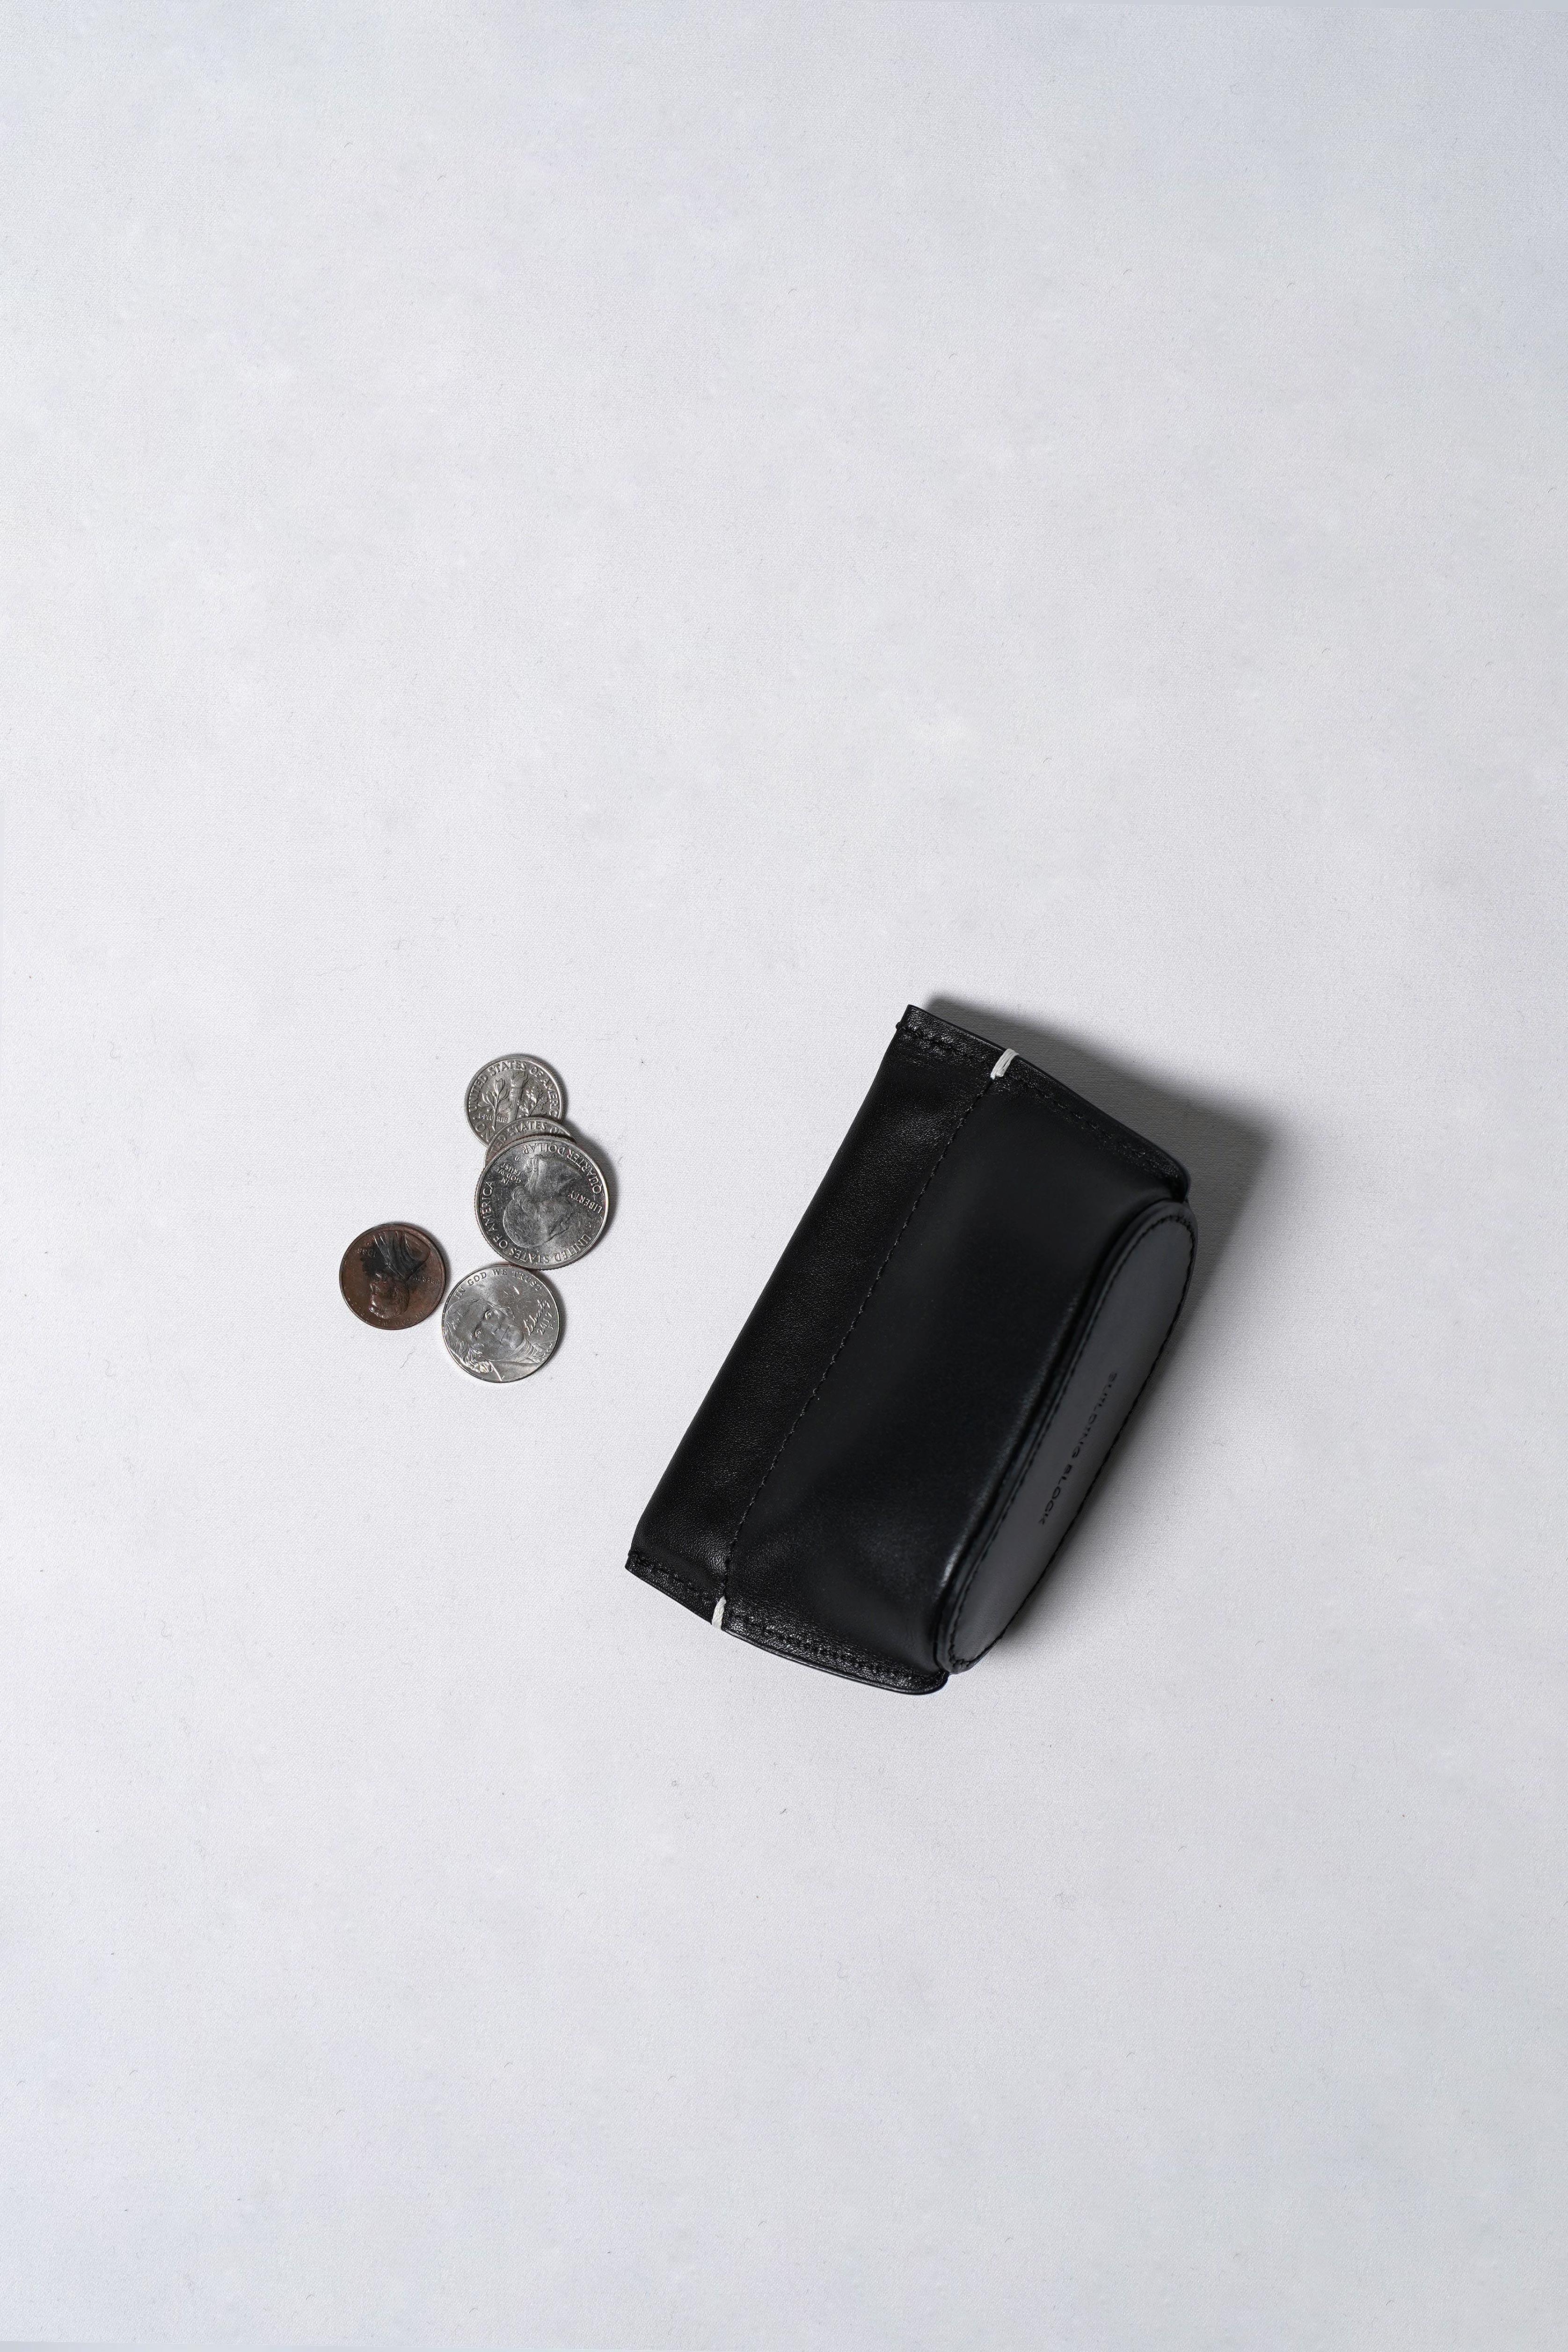 COIN DUMPLING